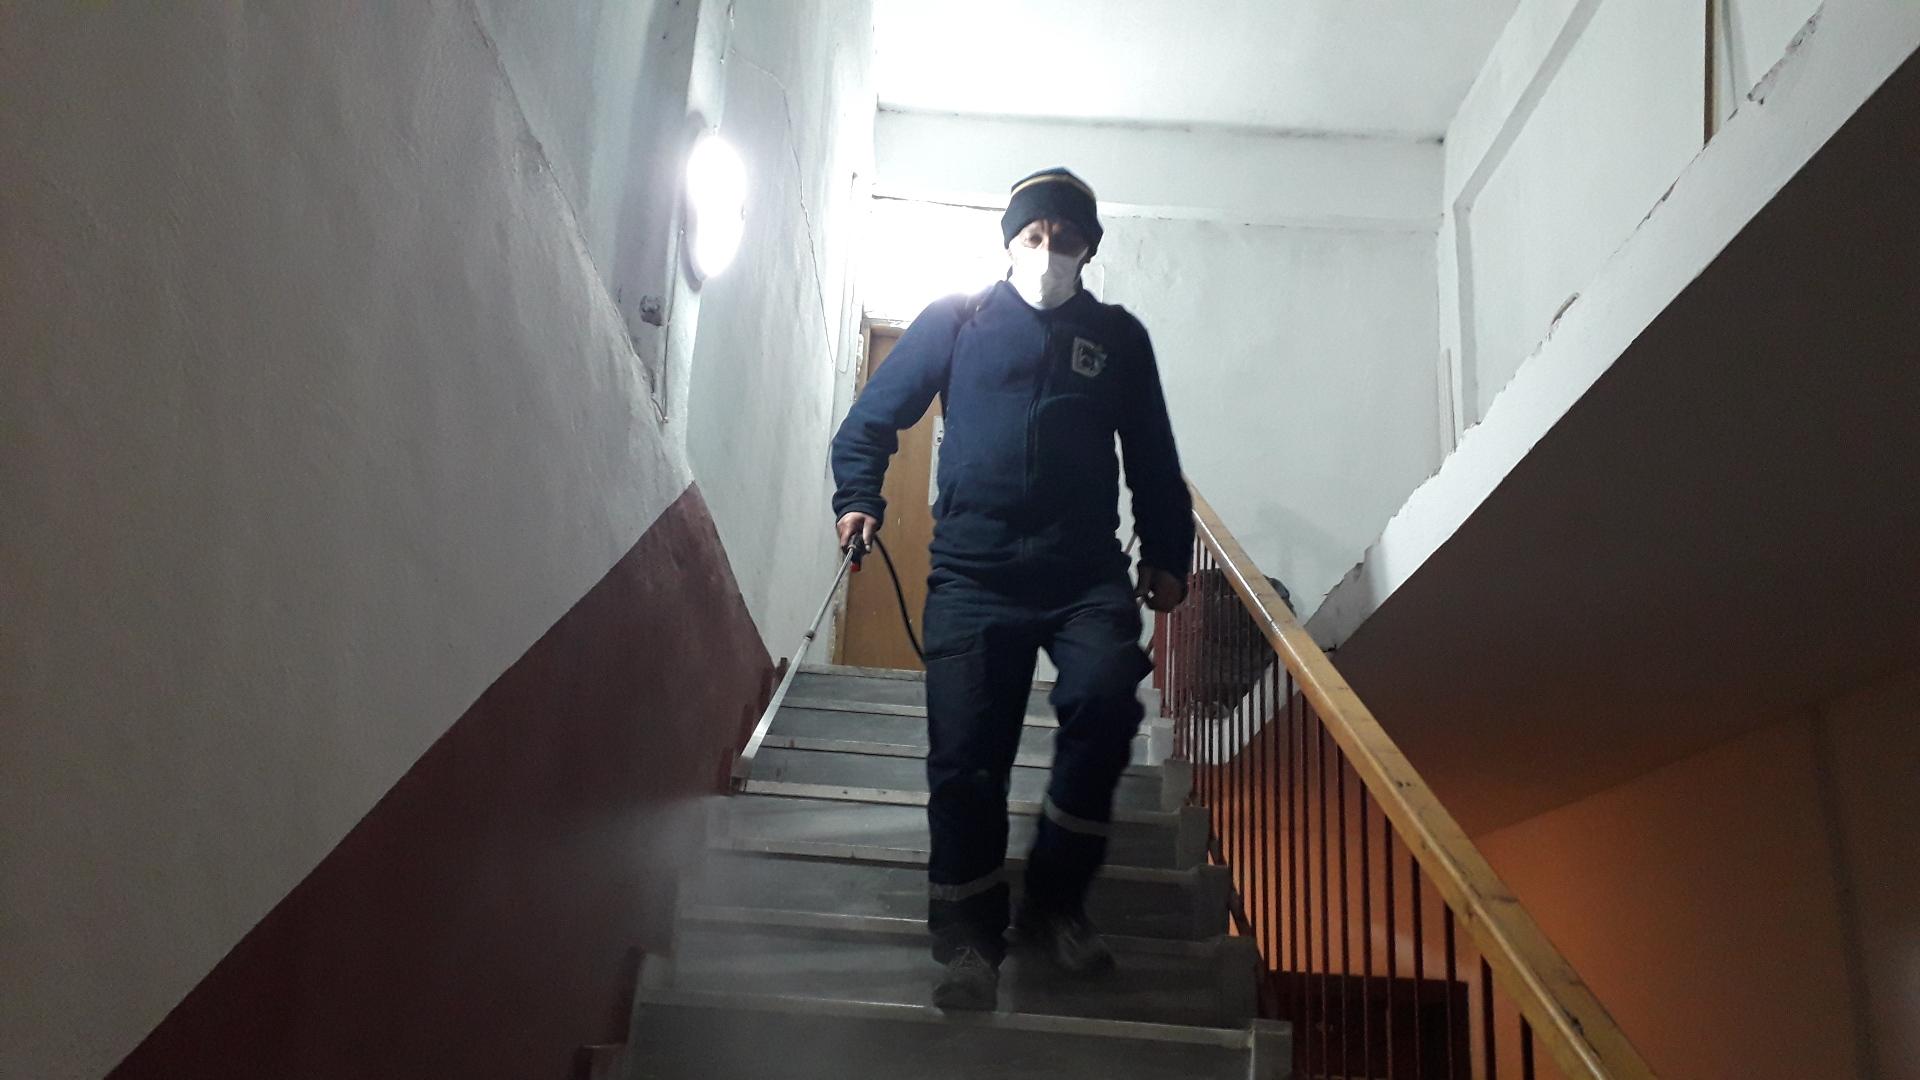 Şafak Apartman Sitesi Dezenfekte Yapıldı